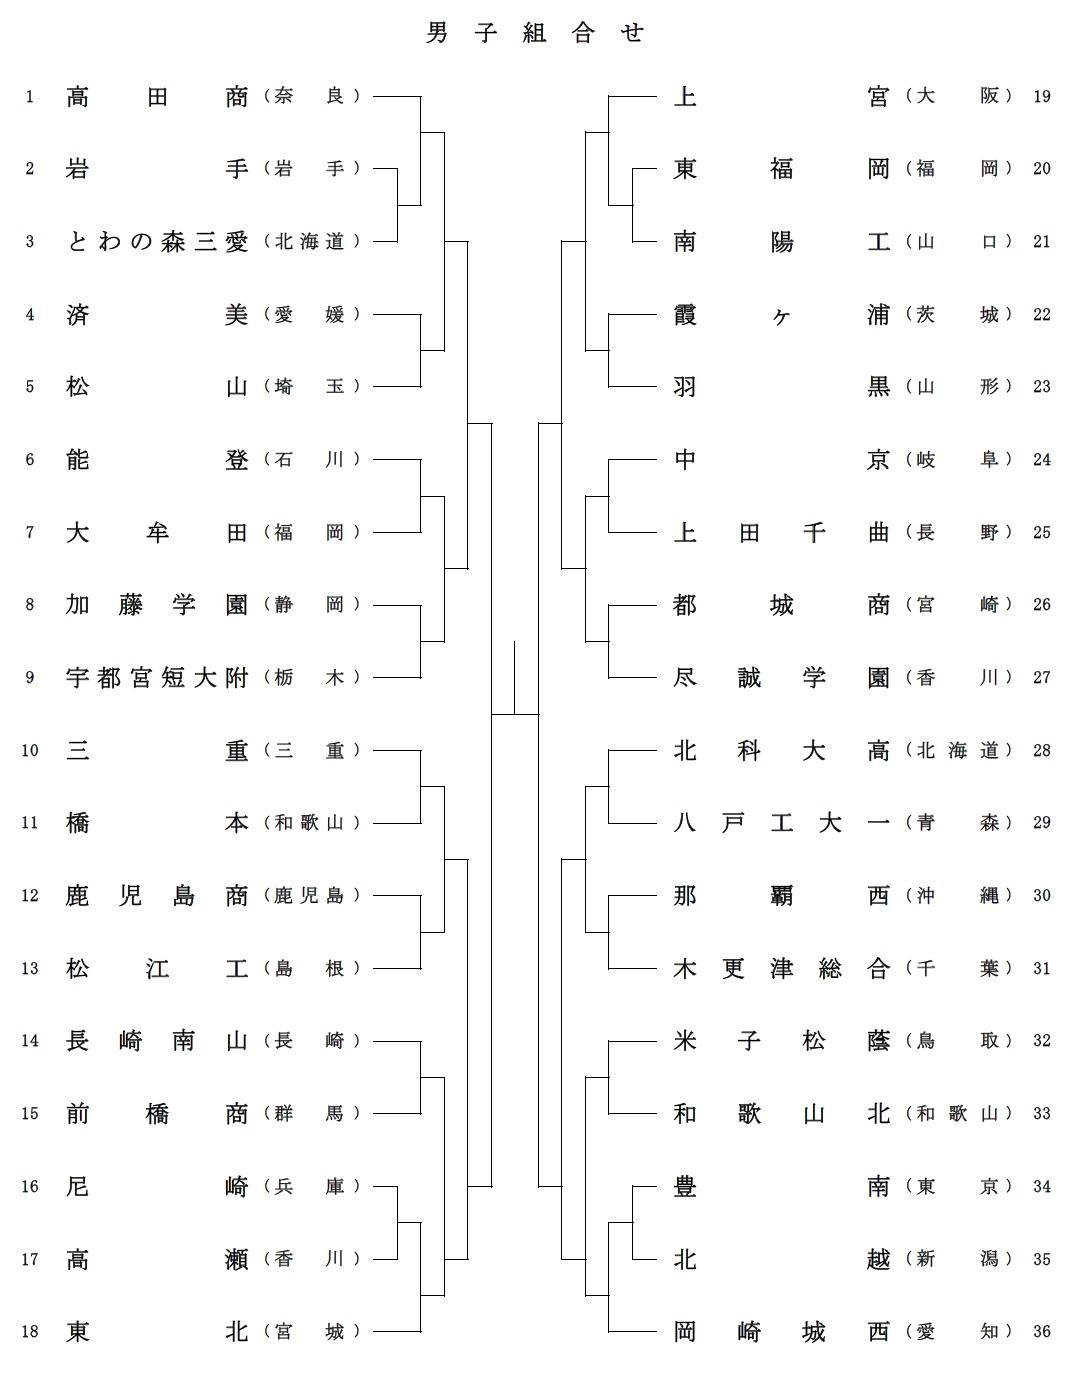 男子選抜2017組み合わせ